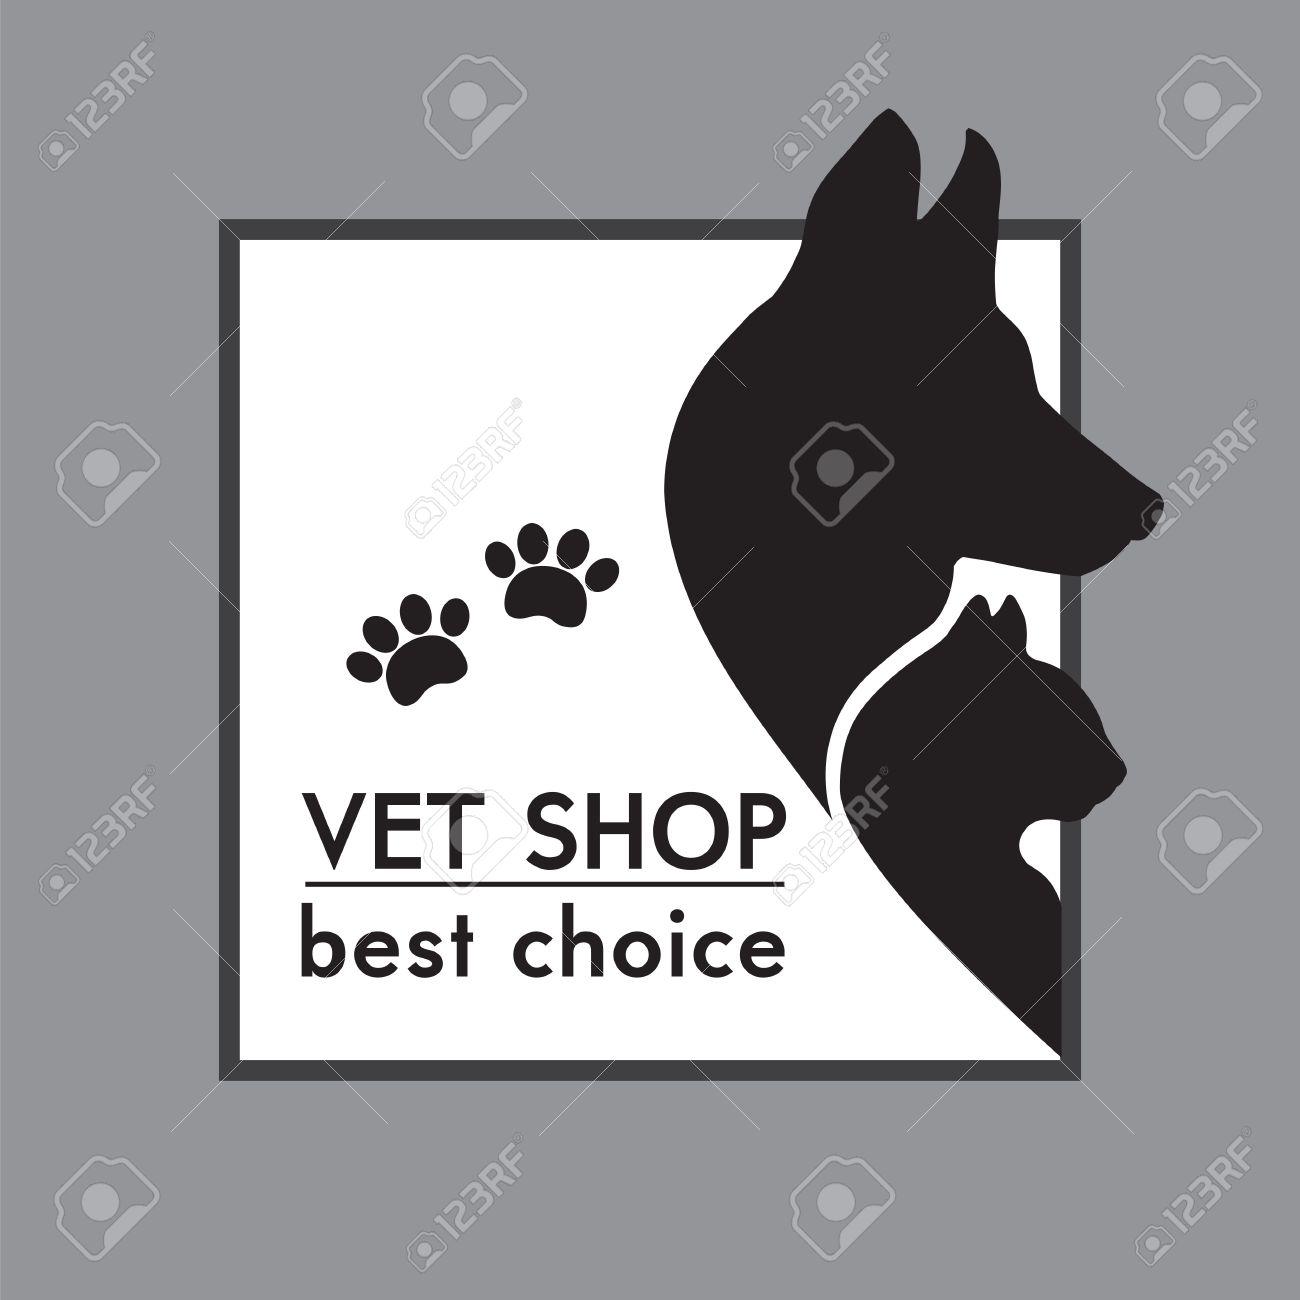 Perro y gato Siluetas poster tienda veterinaria Foto de archivo - 21930504